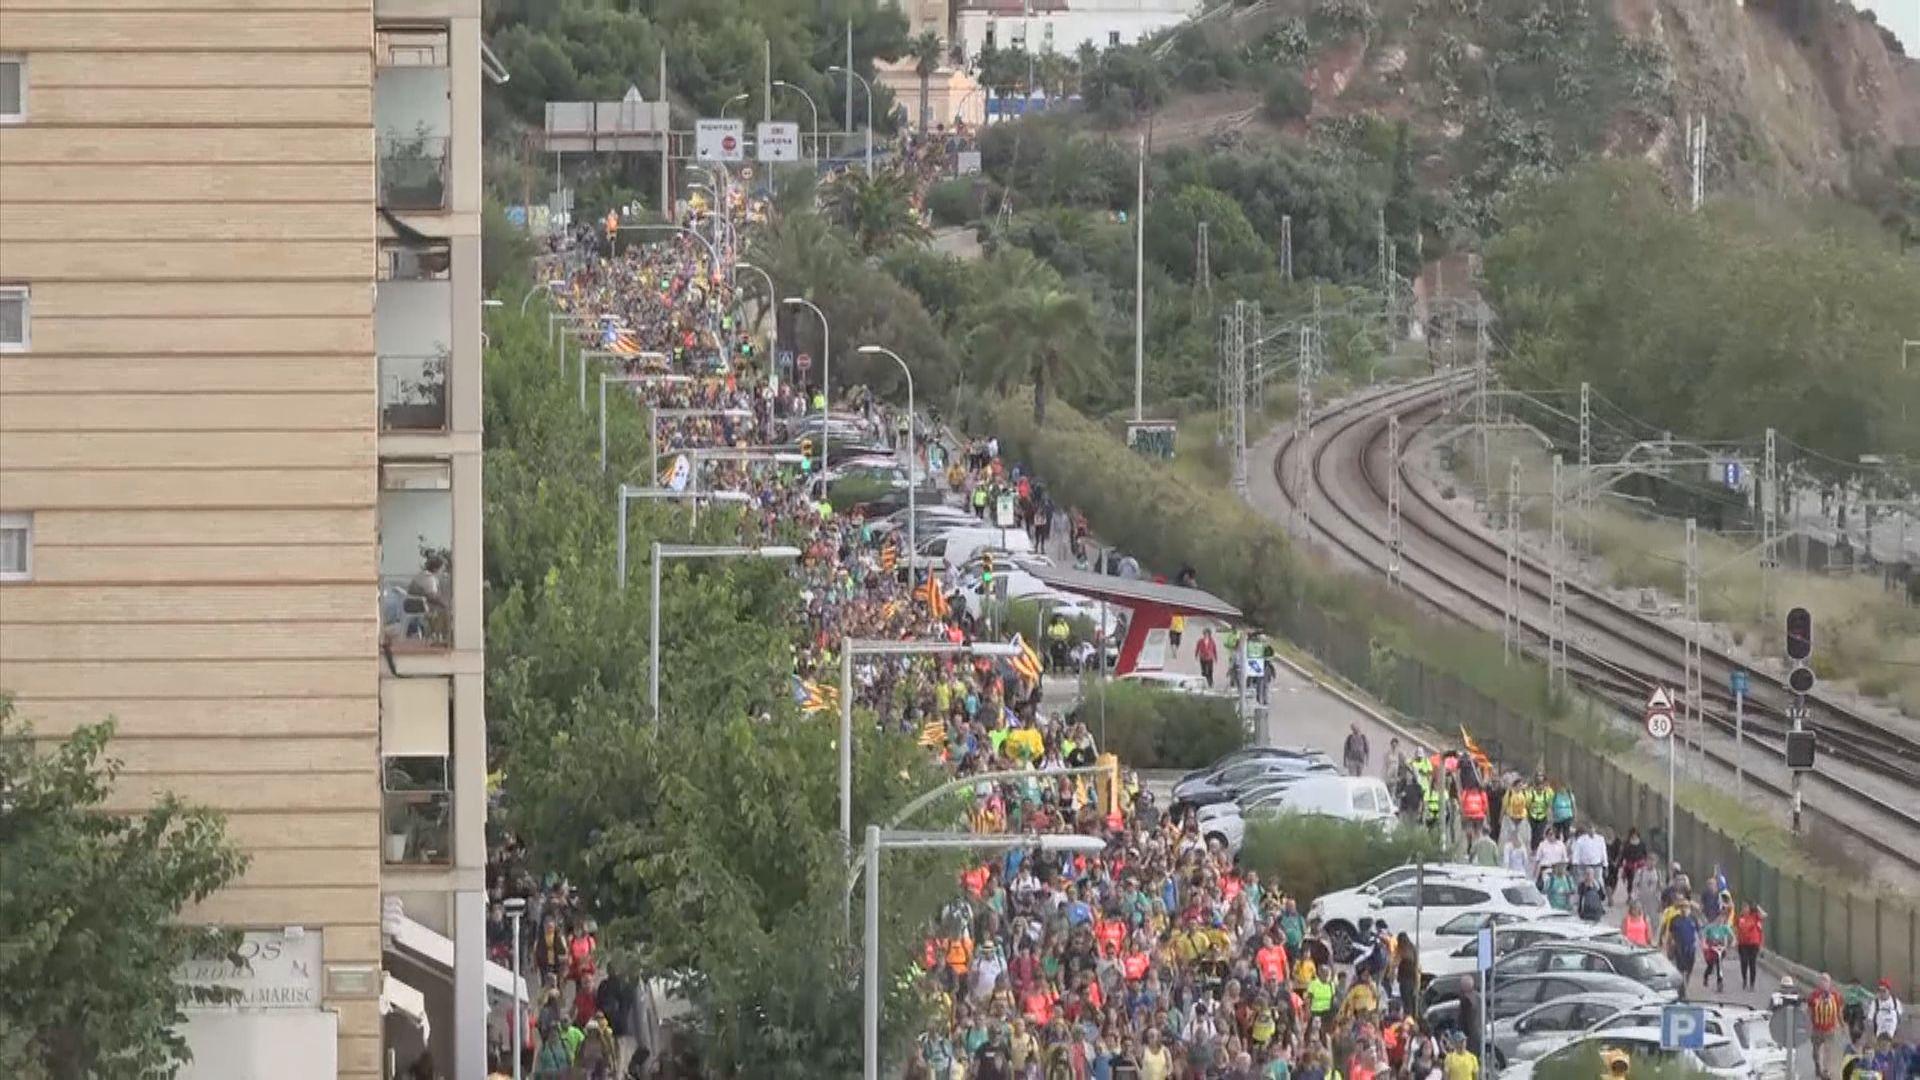 加泰示威者陸續抵達巴塞羅那會合